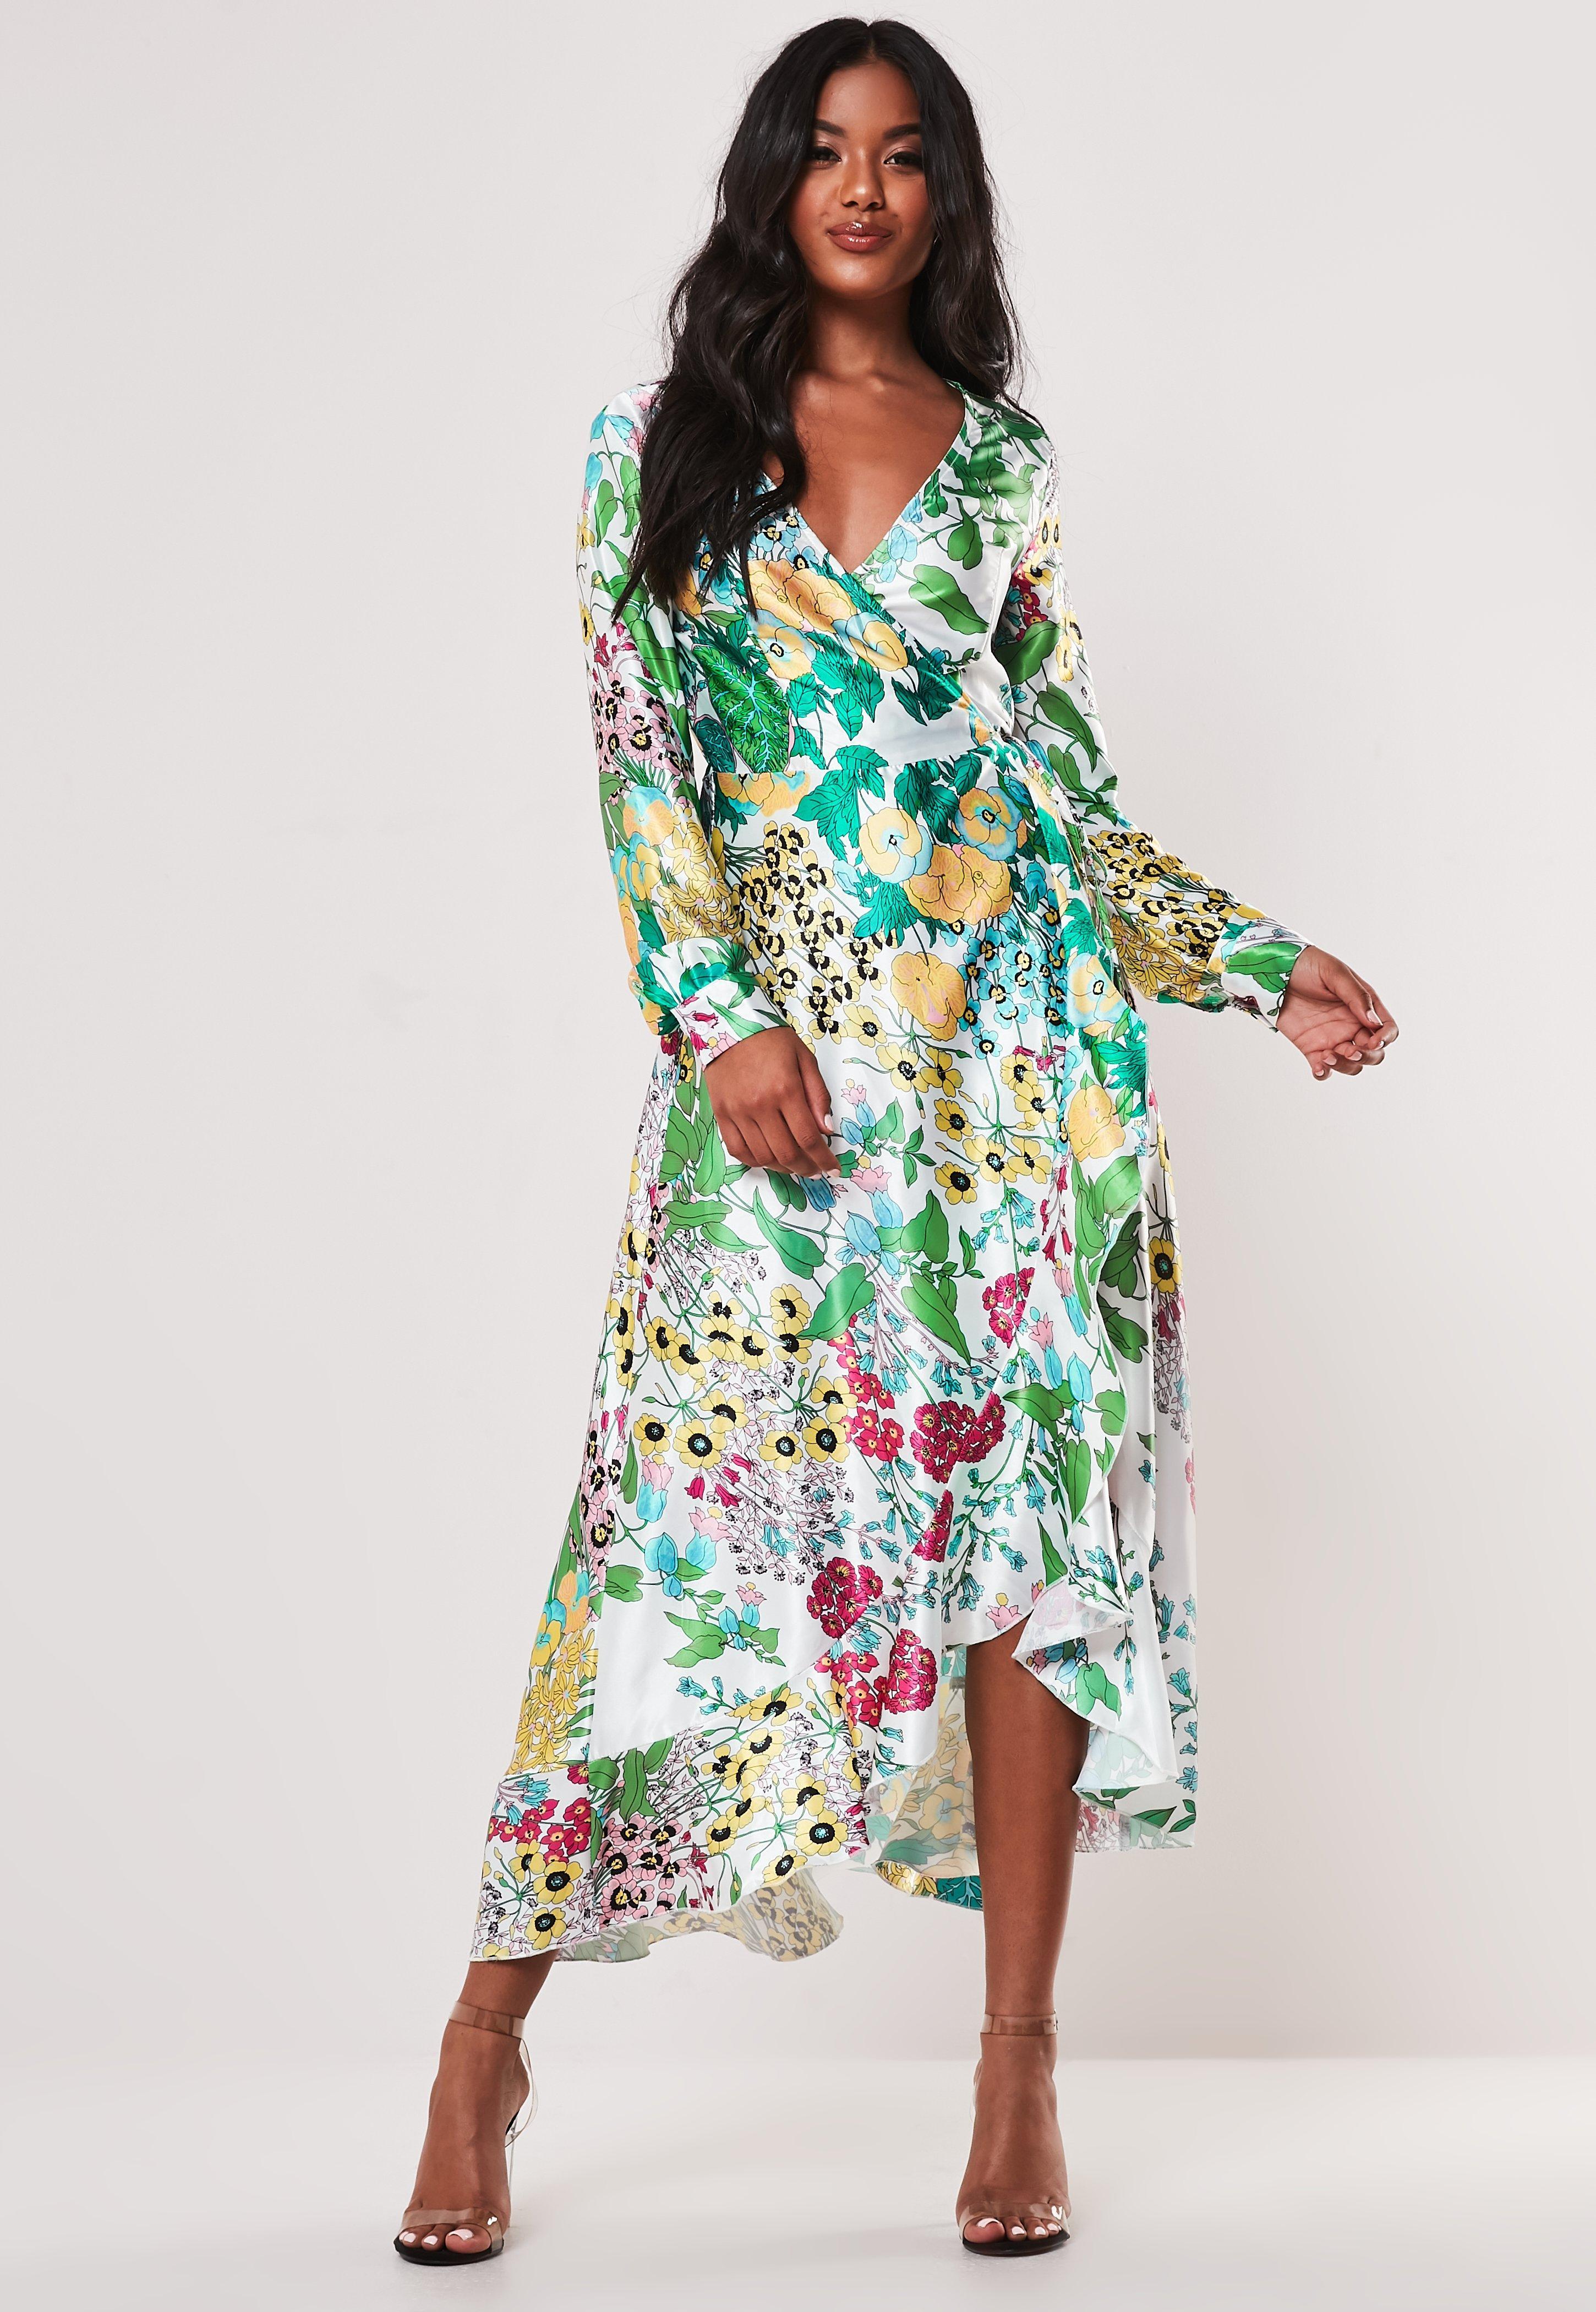 Longue Floral Vert Blanche Imprimé À Robe f6vIb7gYy